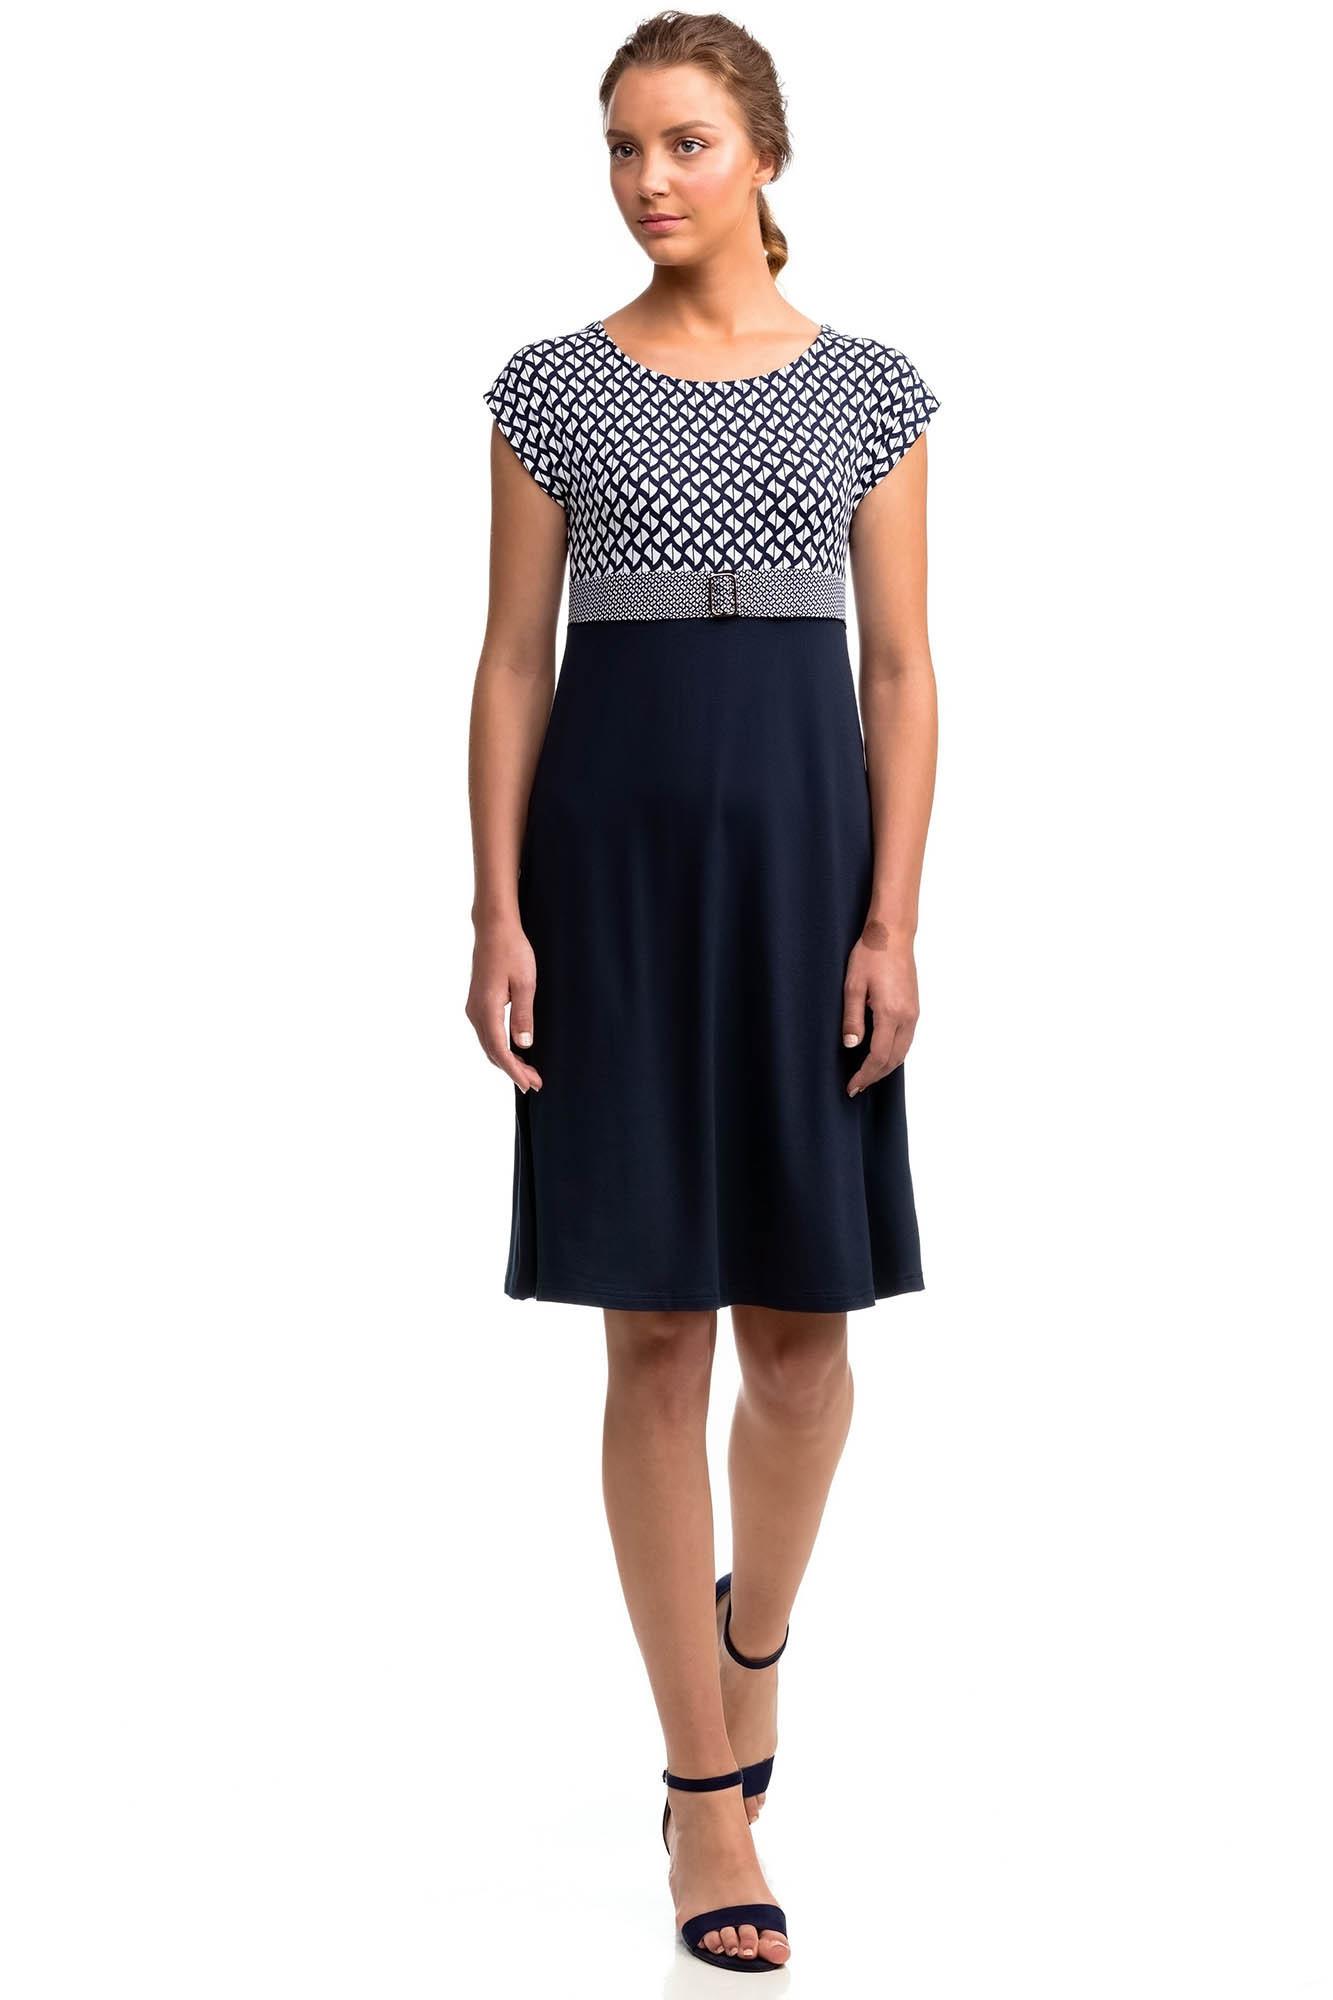 Vamp - Elegantní vzorované dámské šaty 14452 - Vamp blue m